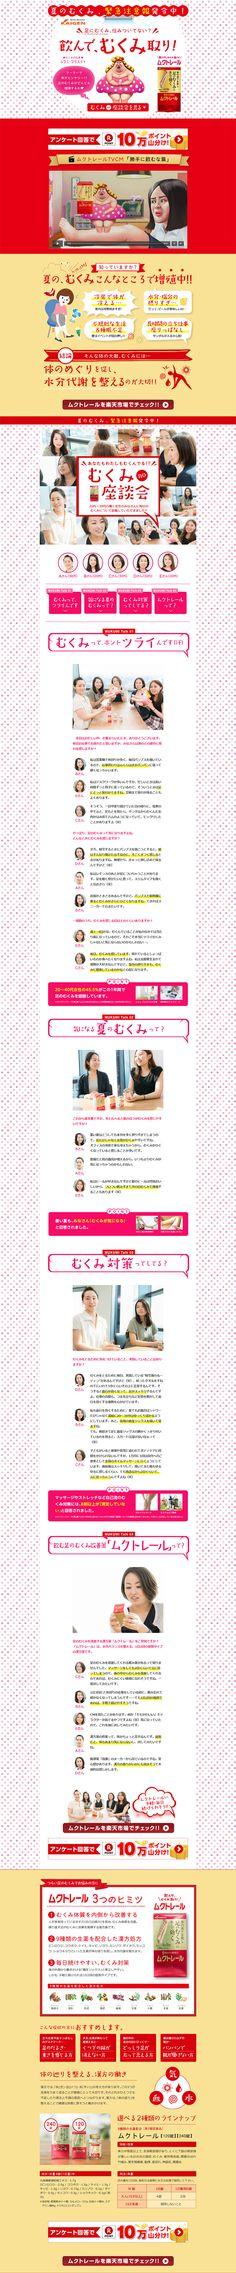 http://rdlp.jp/archives/otherdesign/lp/18756